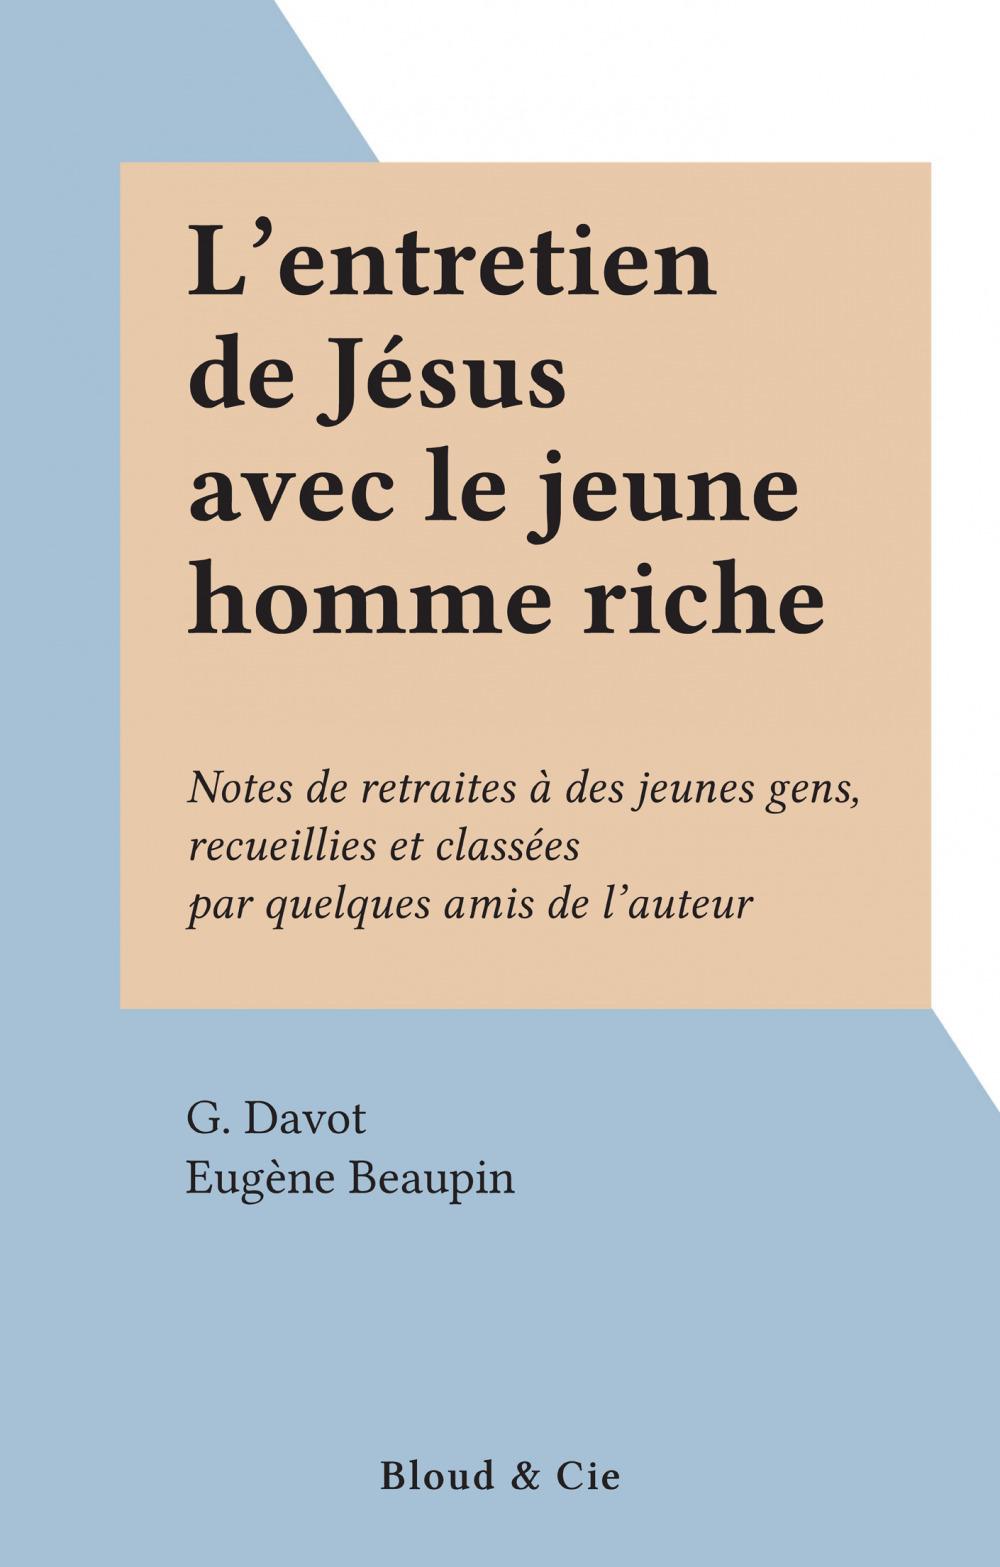 L'entretien de Jésus avec le jeune homme riche  - G. Davot